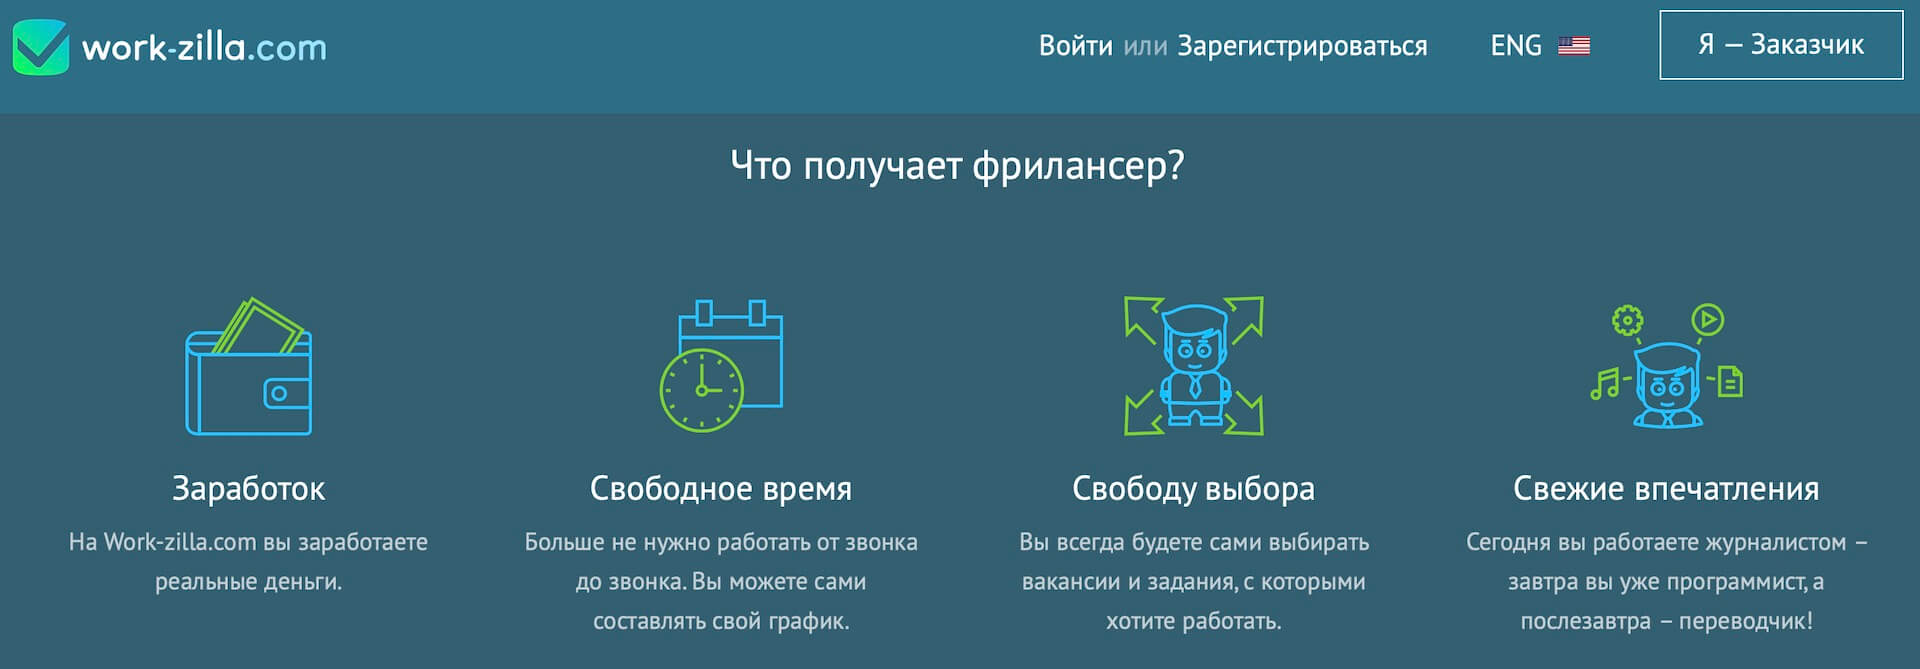 Работа фрилансером как получить деньги работа для бухгалтера на удаленном доступе в москве